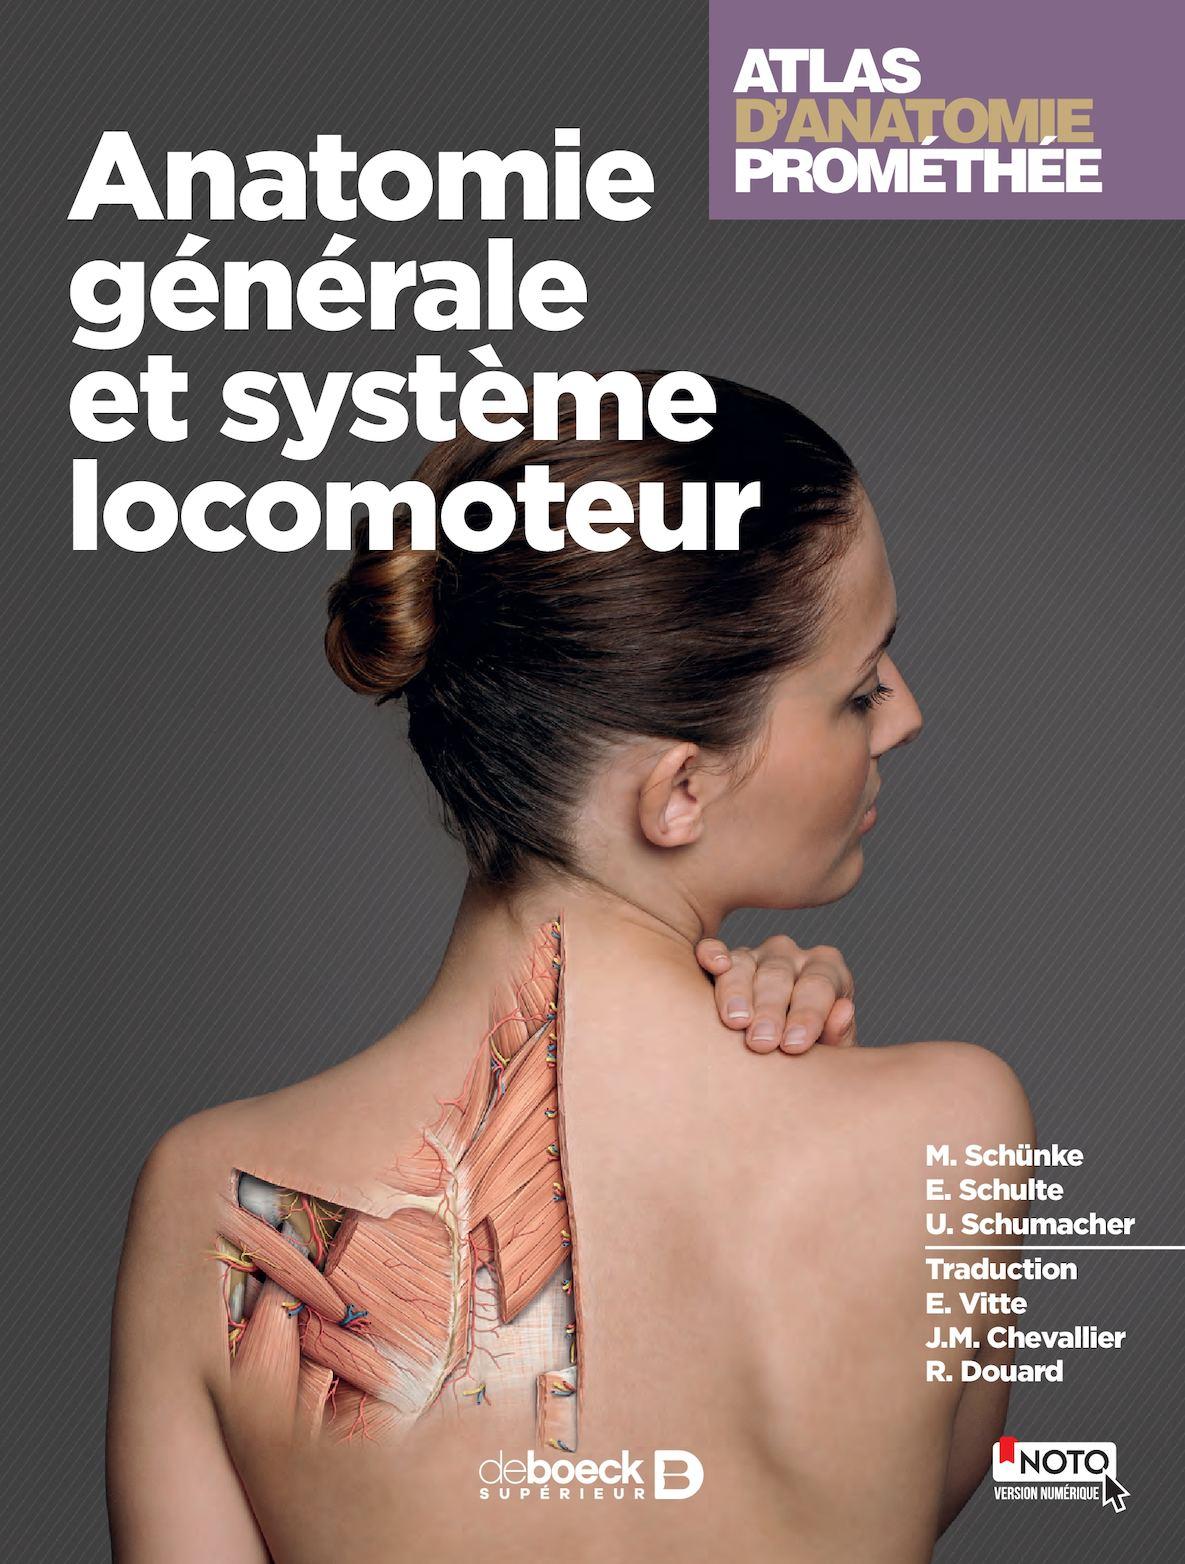 Atlas d'anatomie Prométhée - Anatomie générale